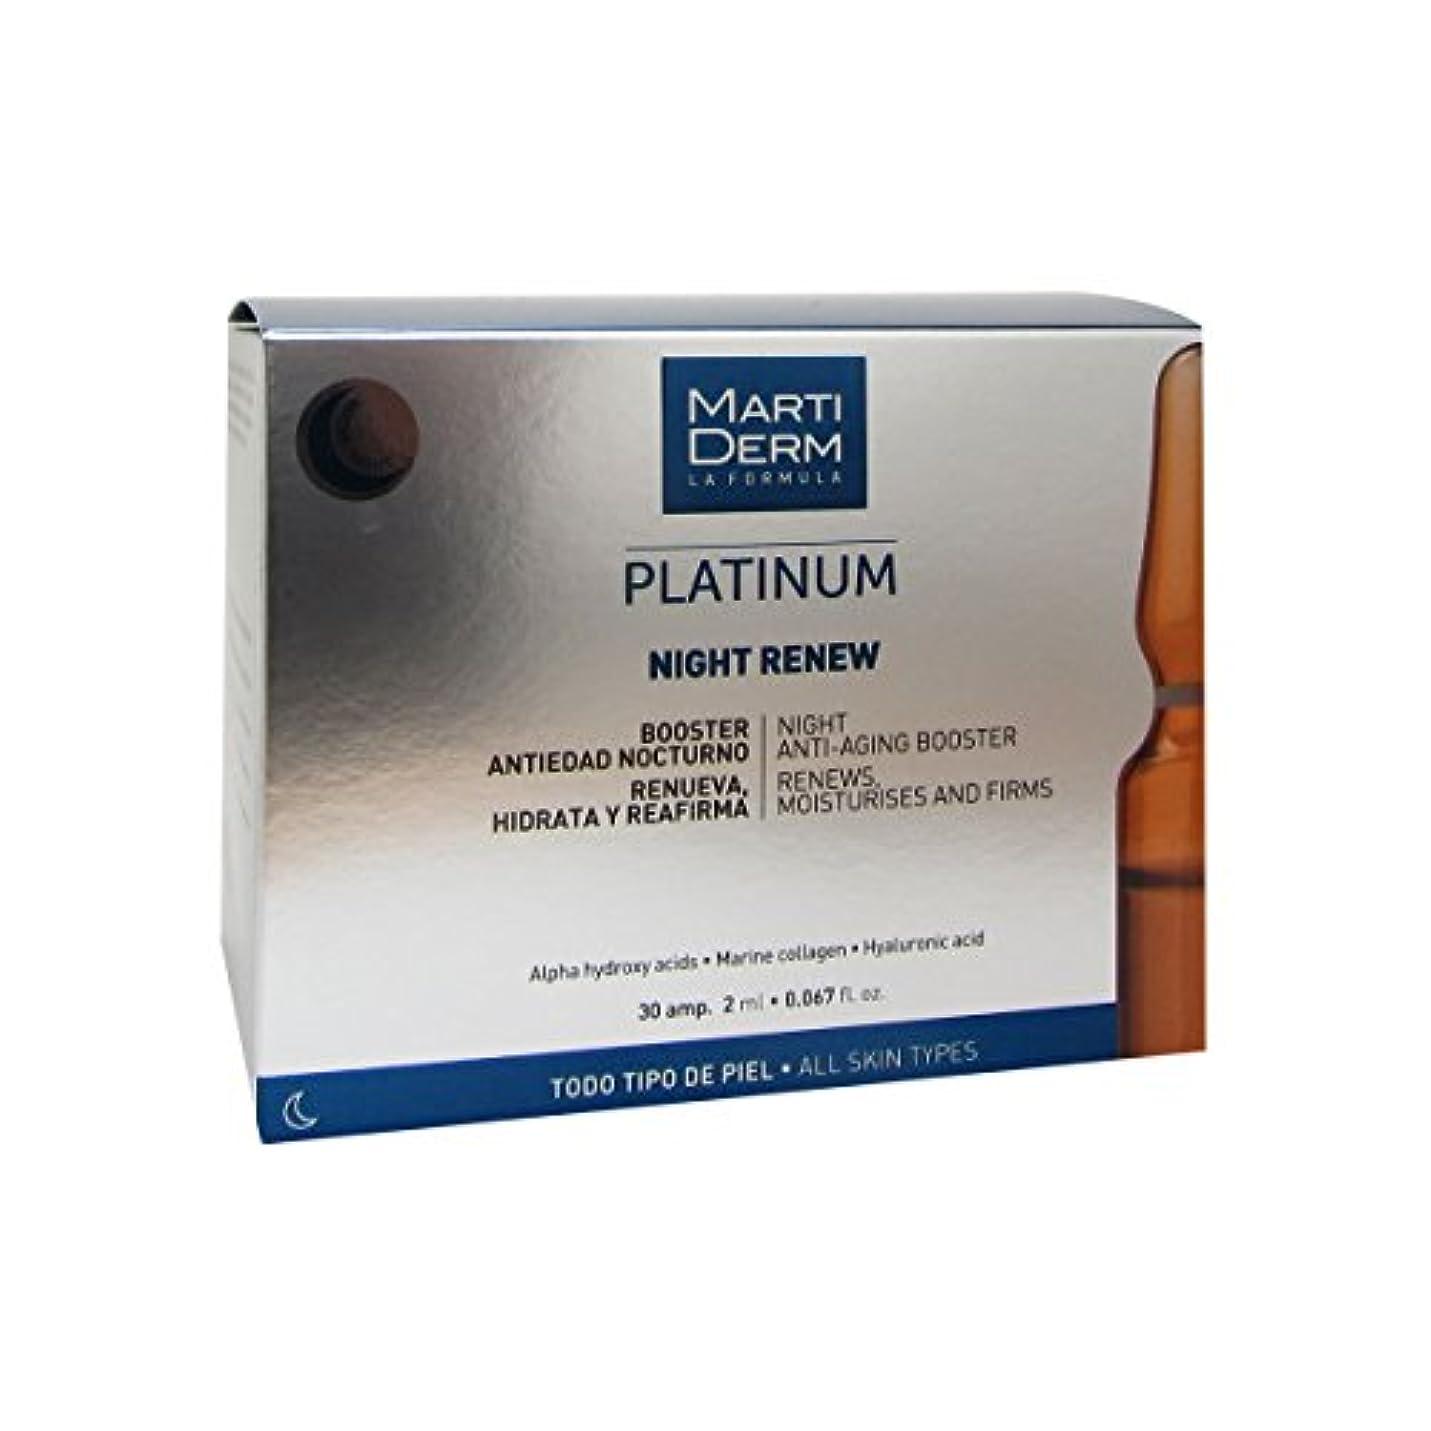 固有のソフトウェアびっくりしたMartiderm Platinum Night Renew Ampoules 30ampx2ml [並行輸入品]